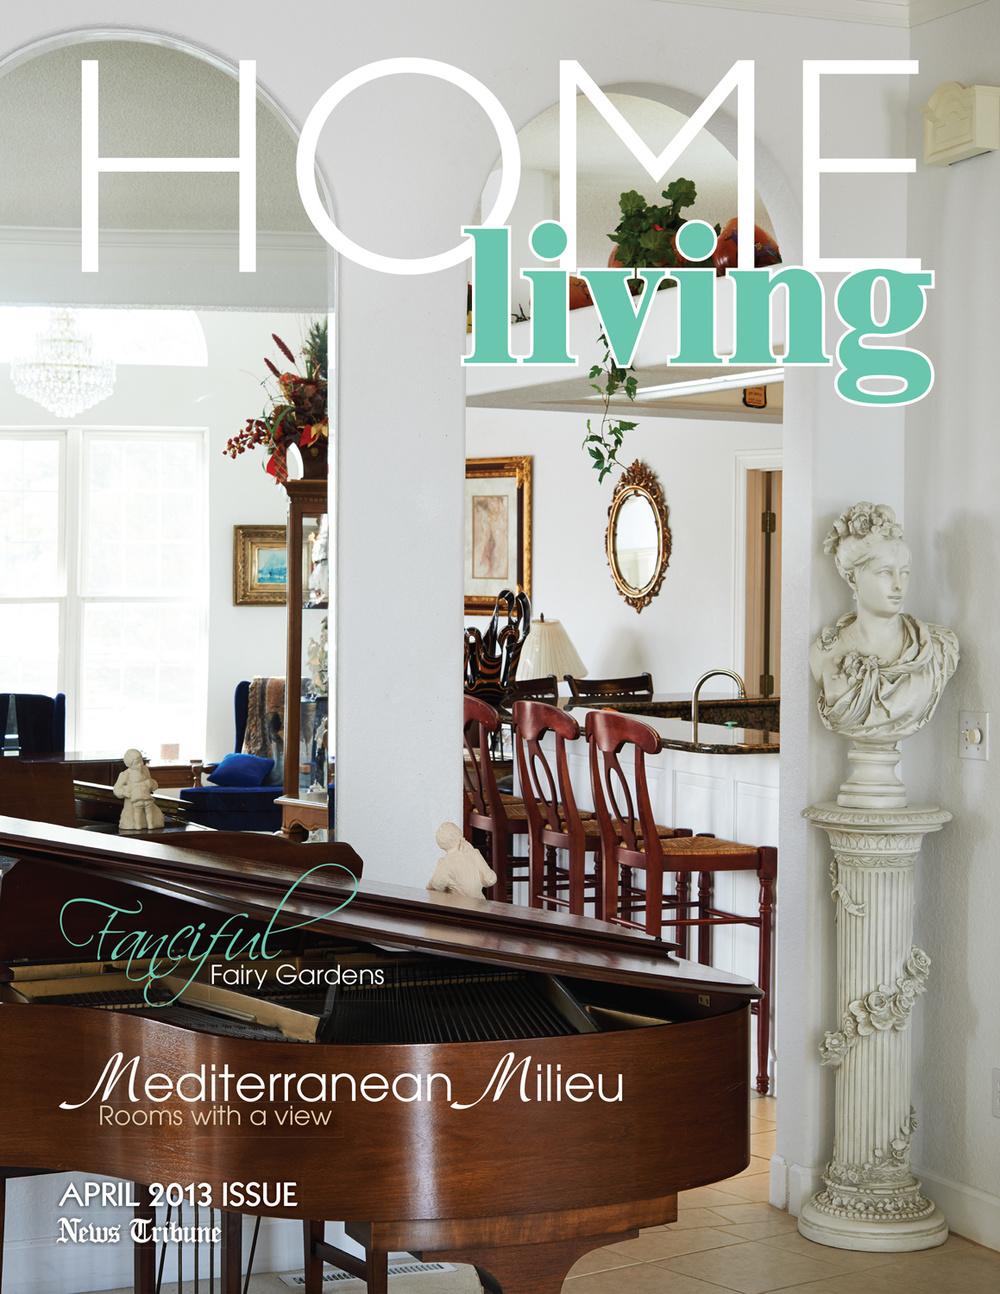 HER magazine